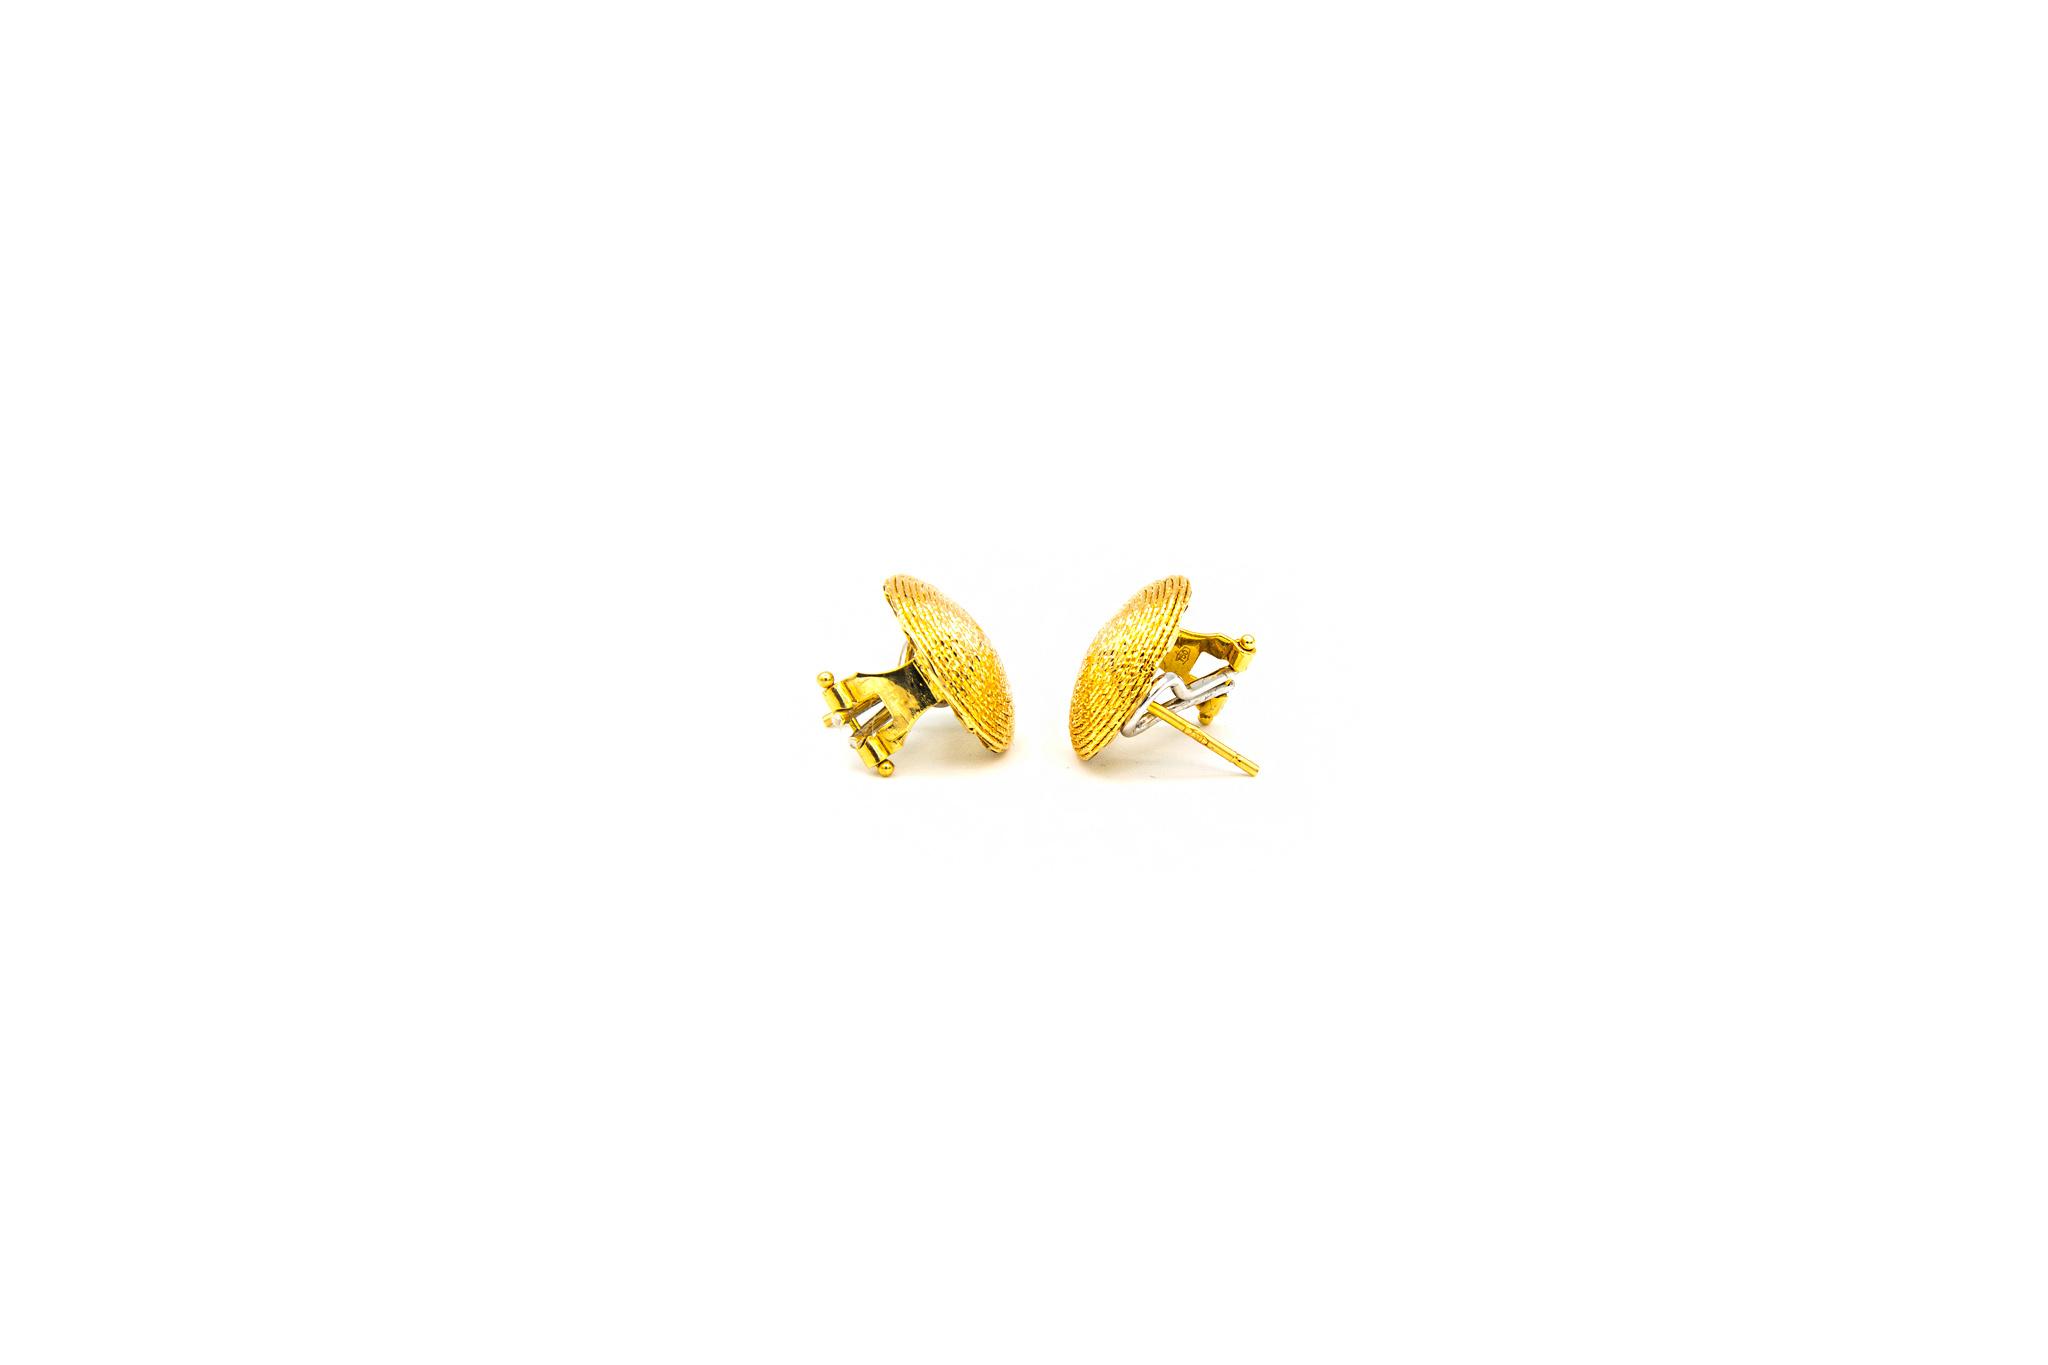 Klap-oorbellen ronde draad-2